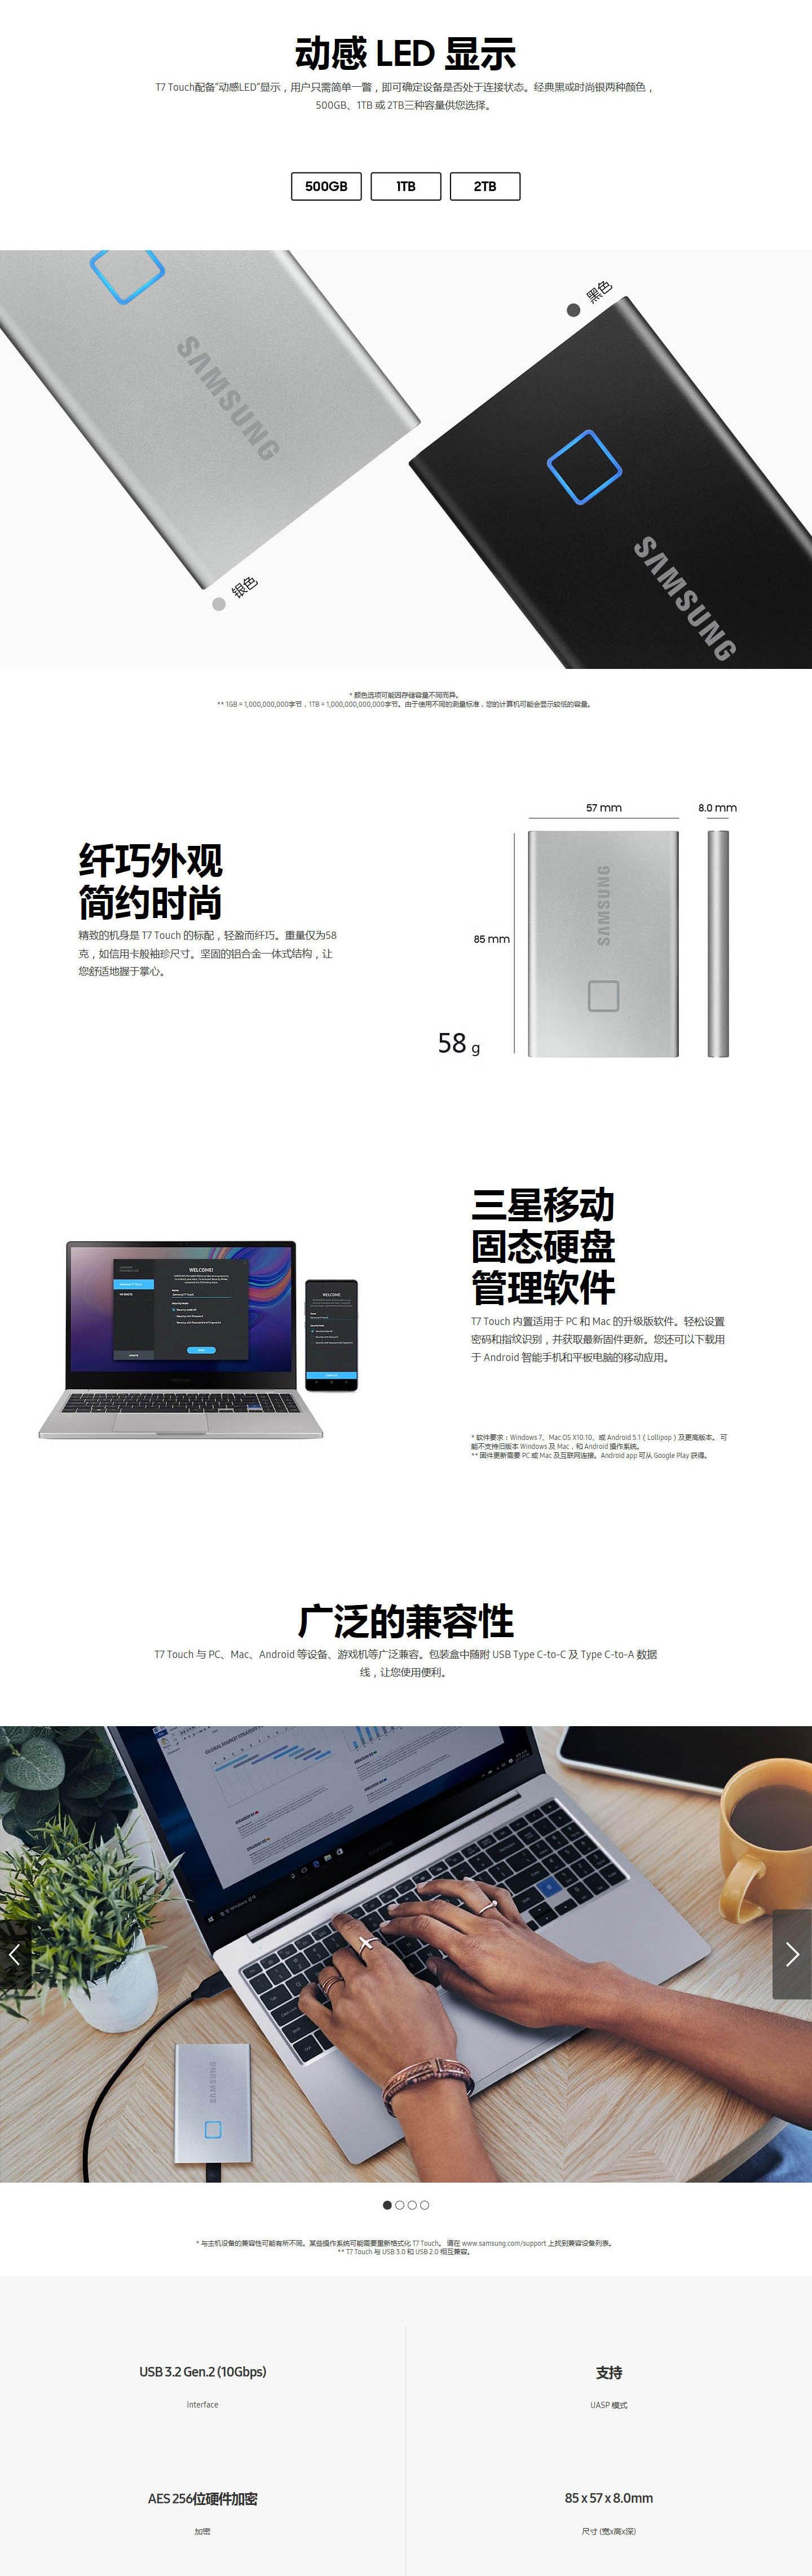 T7-Touch-USB3.2-Gen2-移動固態硬盤-經典黑-1_02